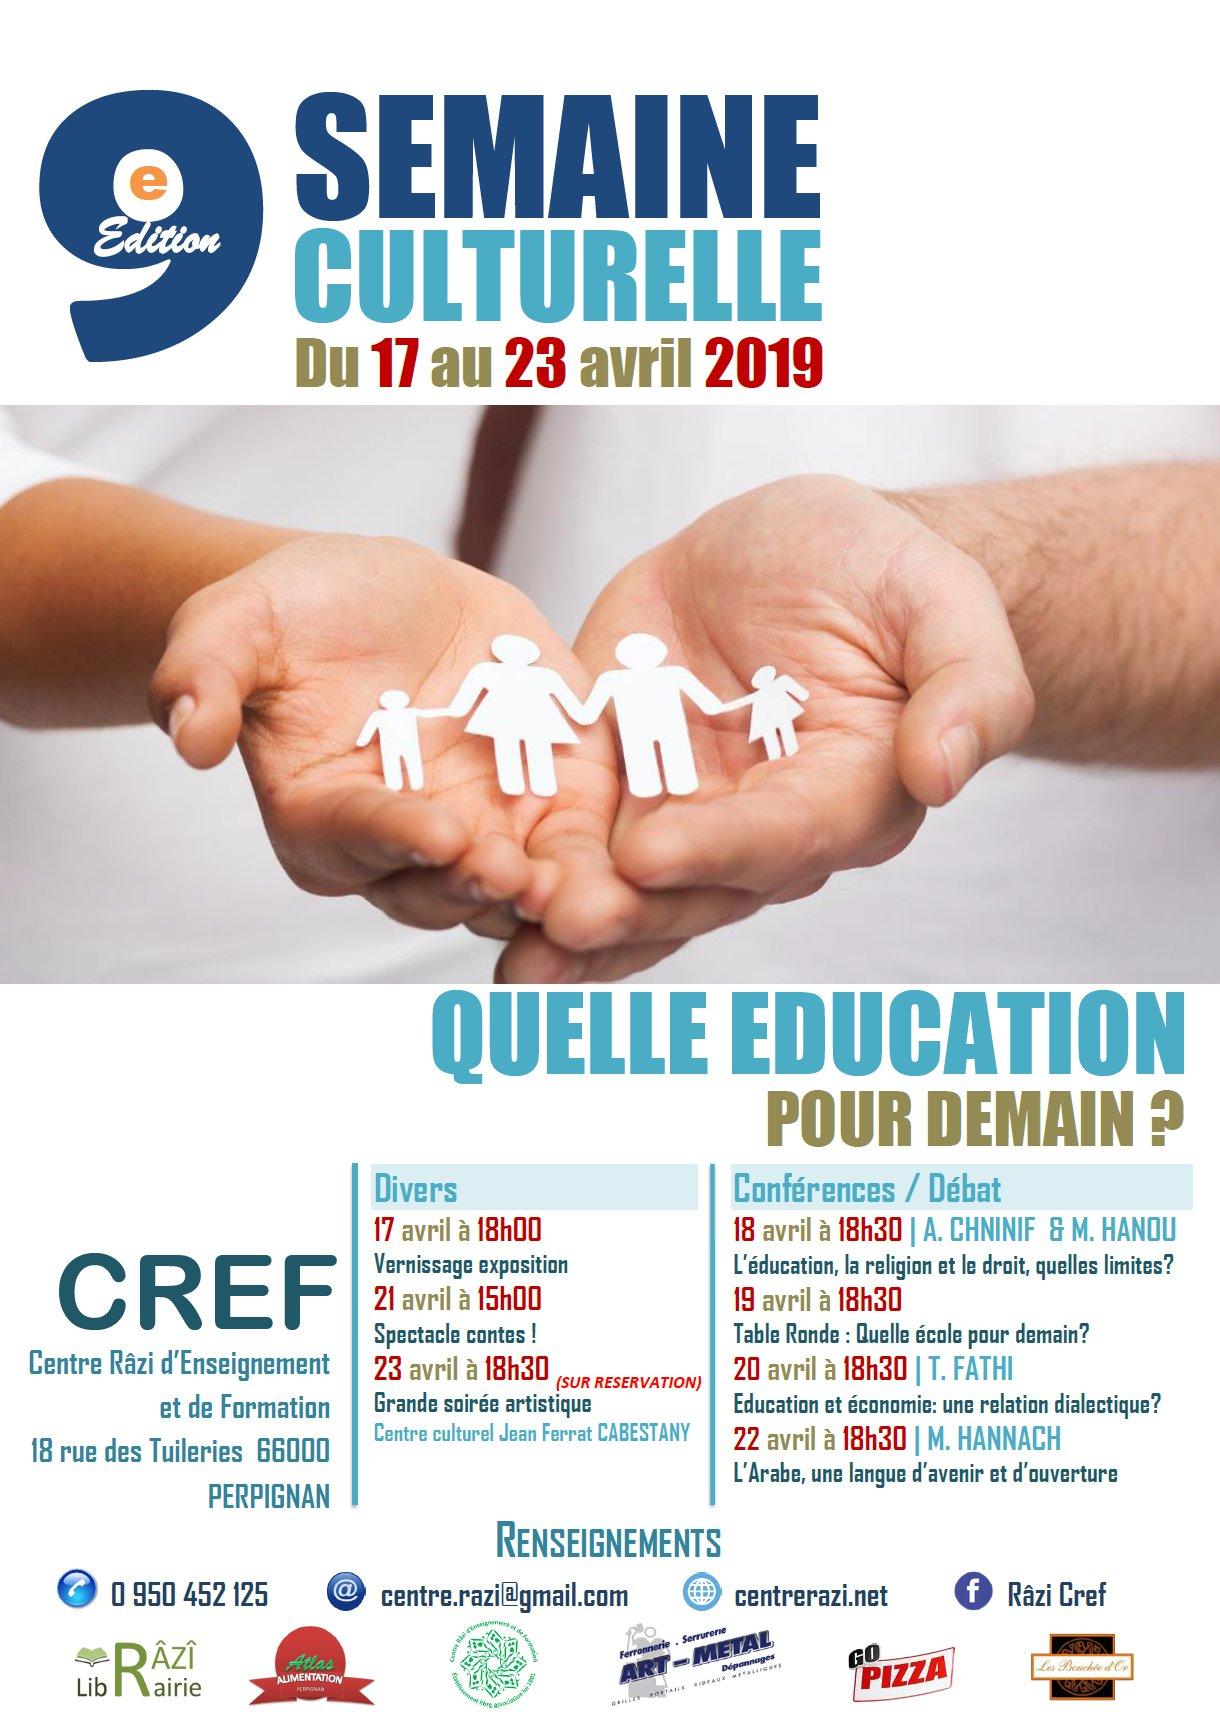 https://www.saphirnews.com/agenda/Semaine-culturelle-Quelle-education-pour-demain_ae648906.html